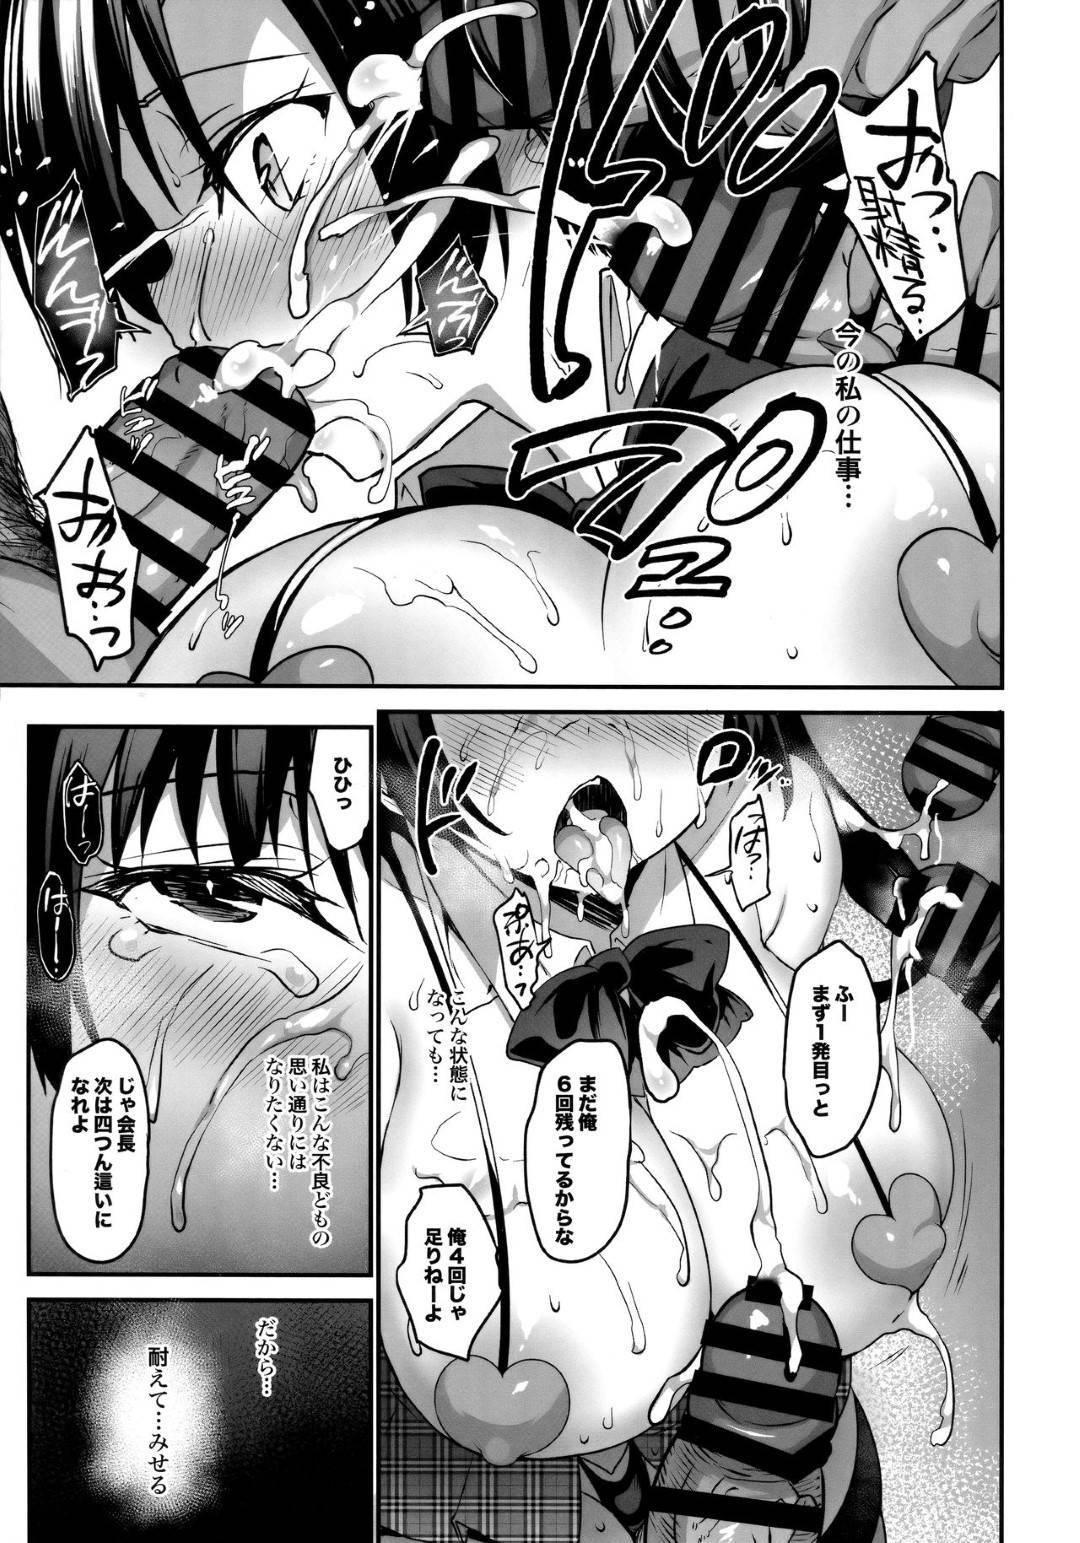 【陵辱エロ漫画】沙織は男達のアパートに呼び出されチンコをしゃぶらされ輪姦レイプされる【三色網戸。】